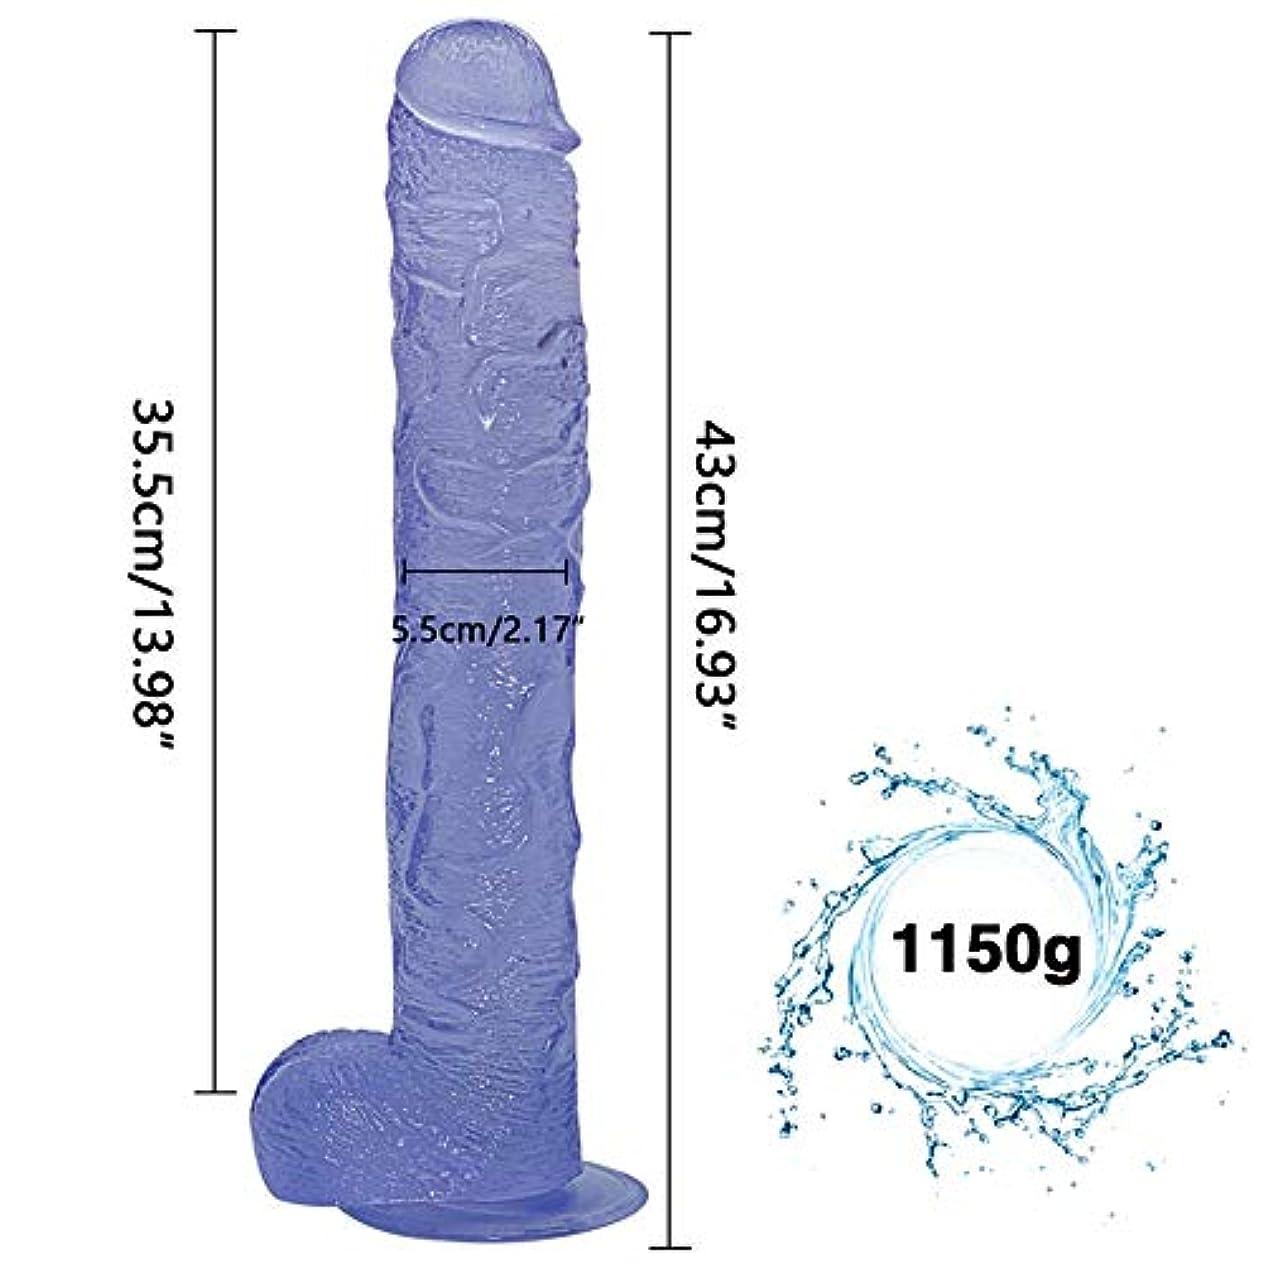 資本主義絶望容量女性のための 柔らかい杖の柔軟なおもちゃ、肉質のおもちゃ、女性16.93インチ-ブルー-daxuedasan2.1